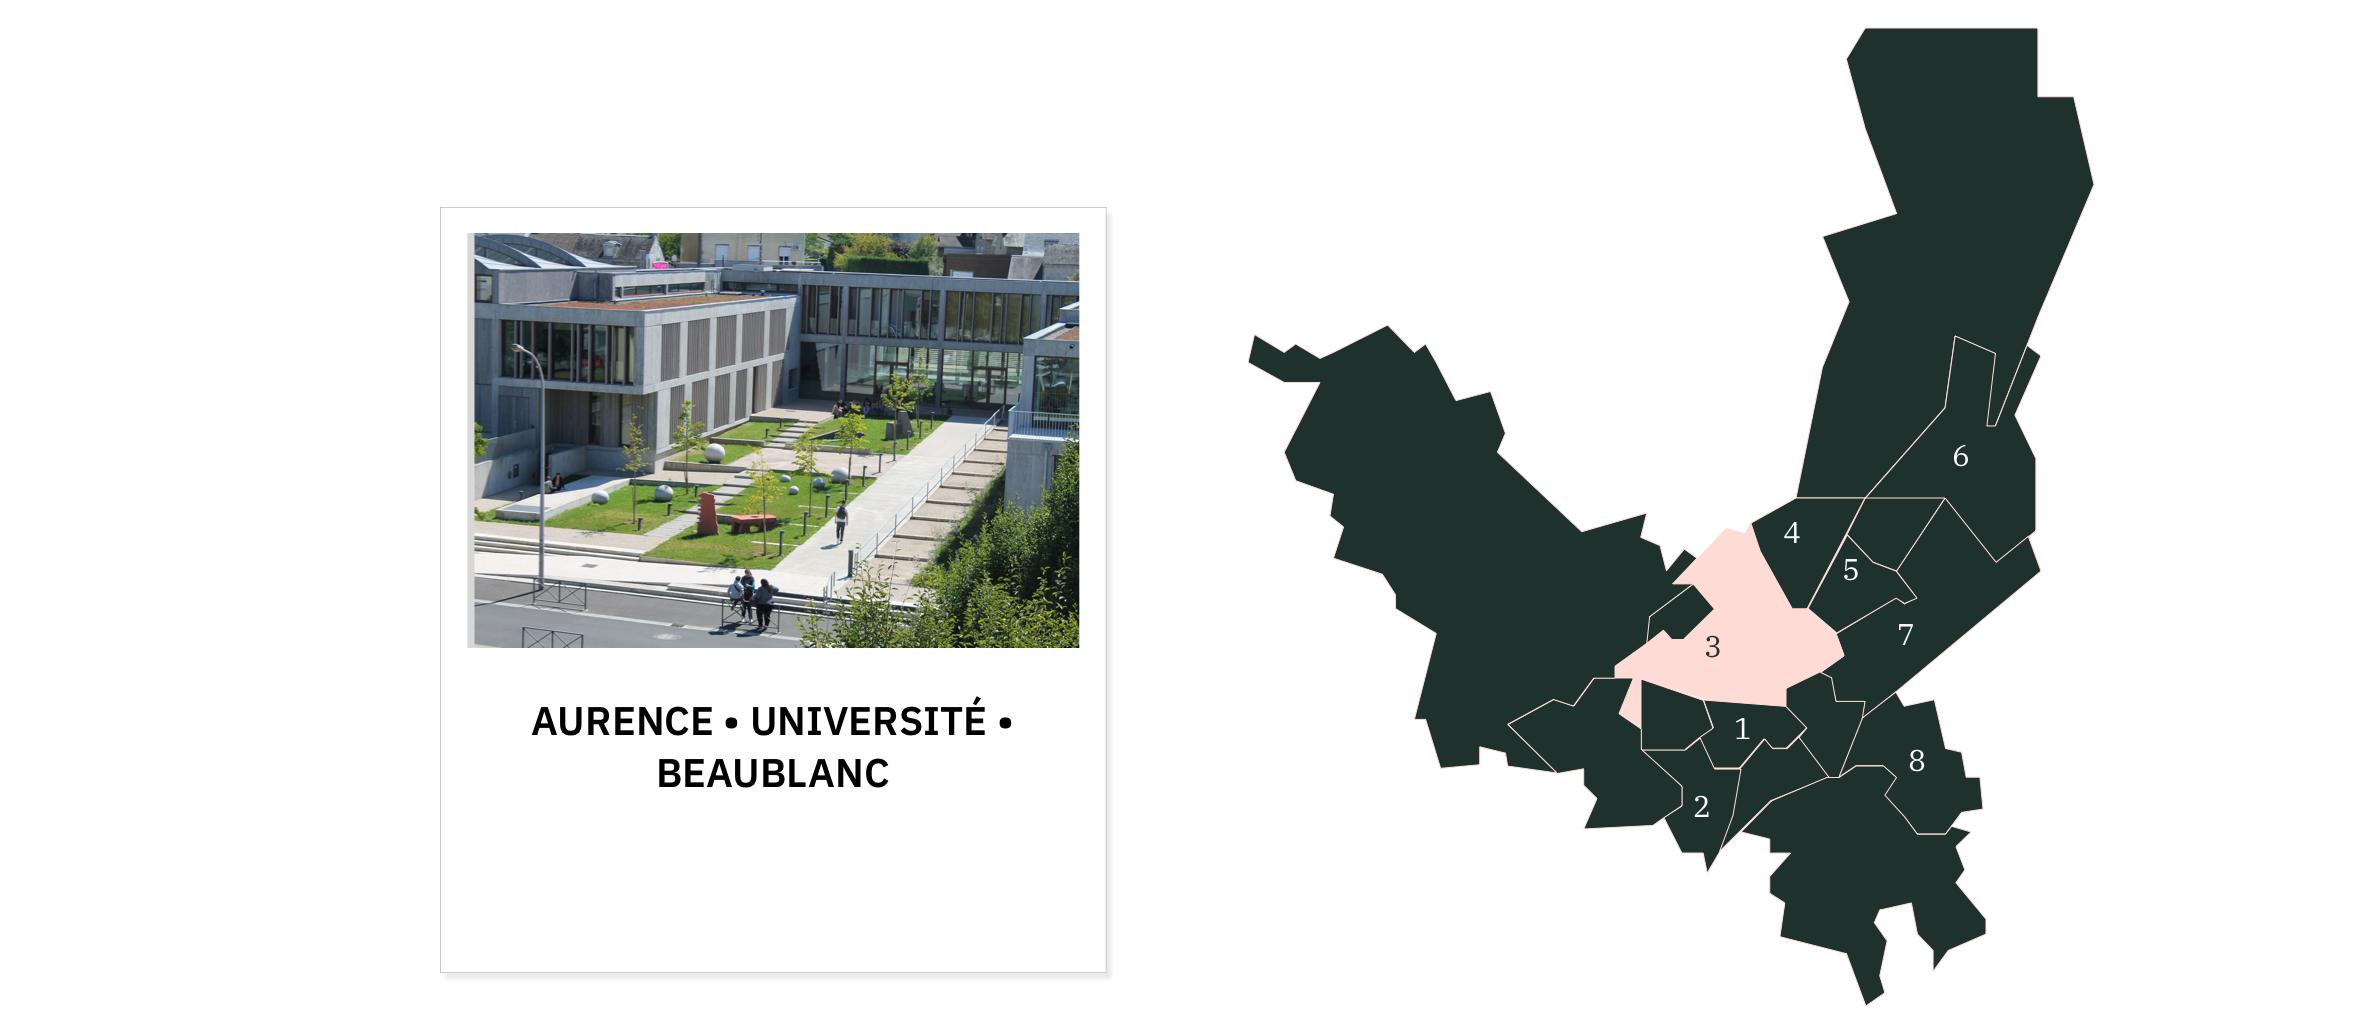 Aurence • Université • Beaublanc ⎮ Quartiers de Limoges